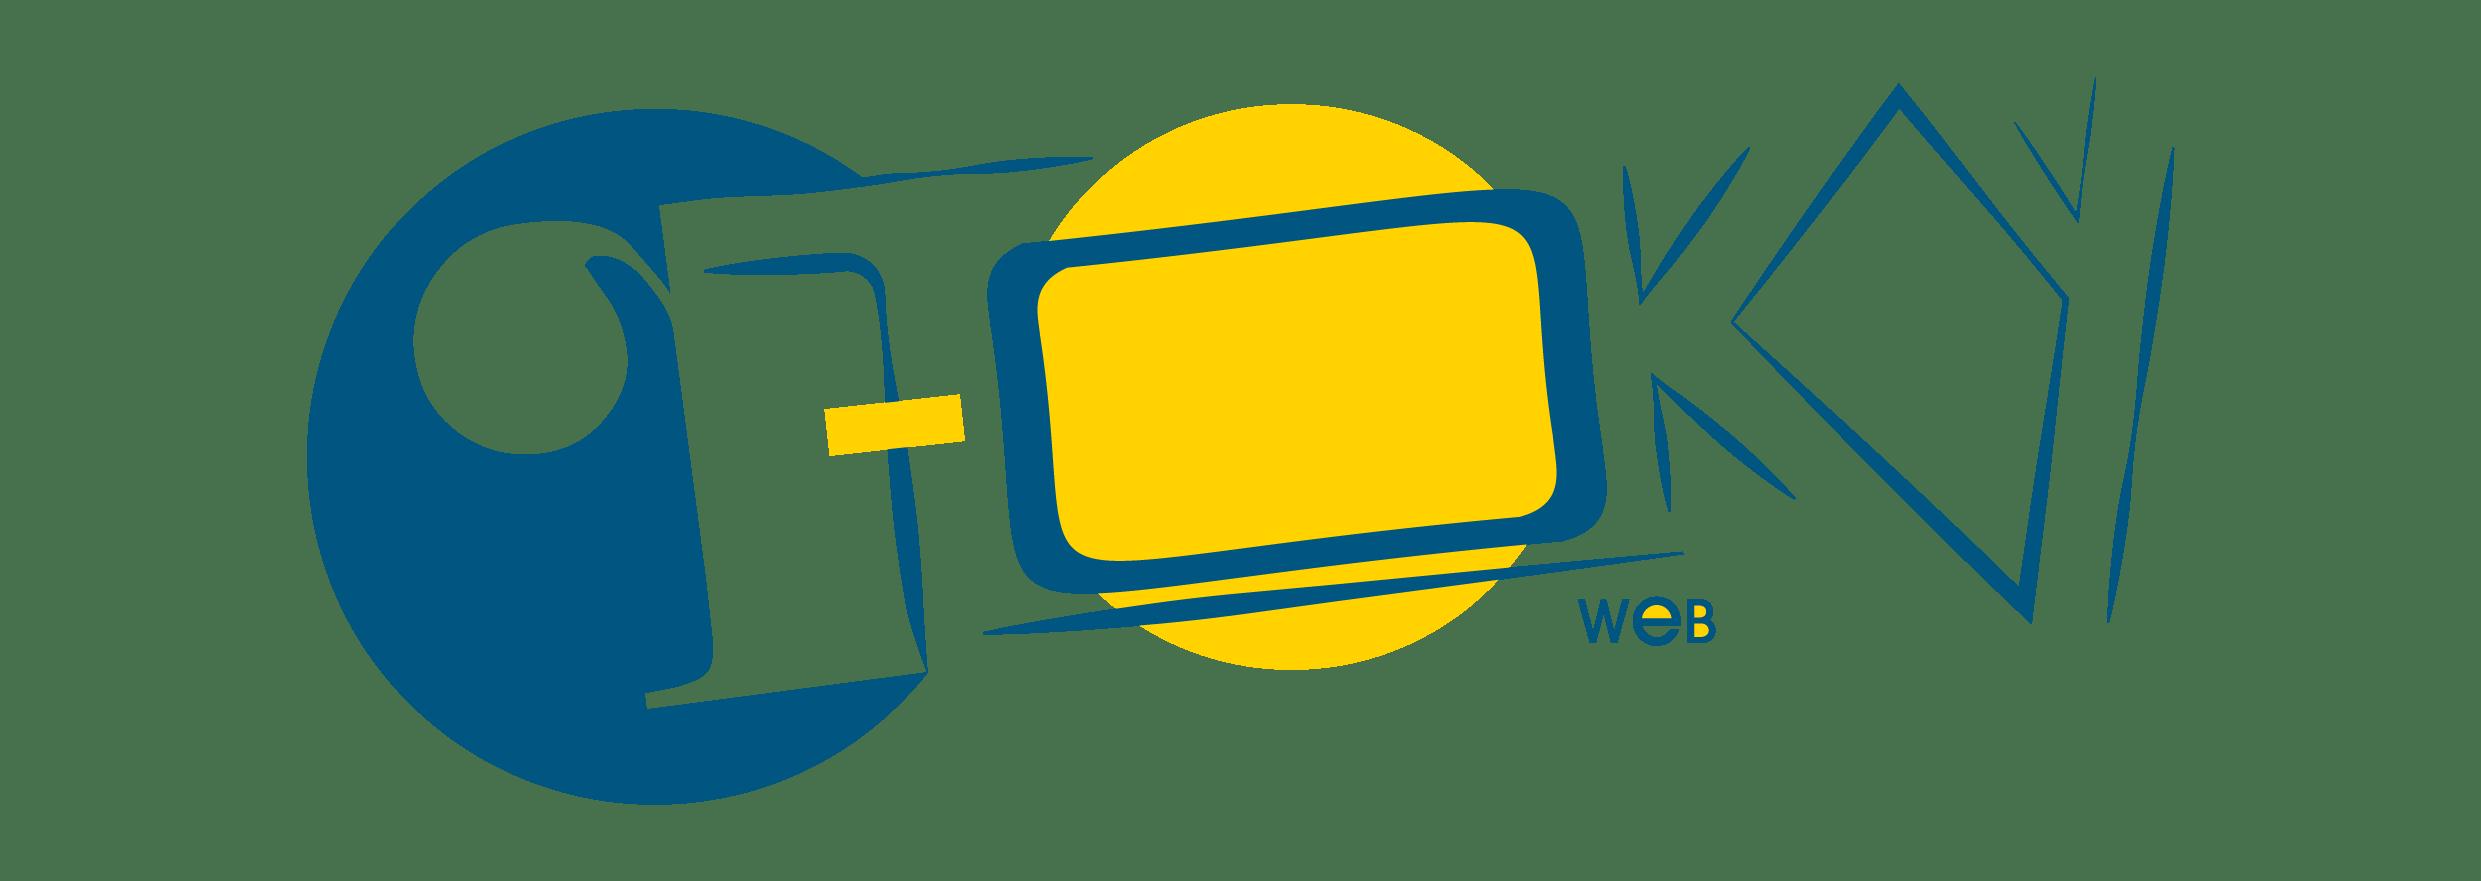 air-toky web